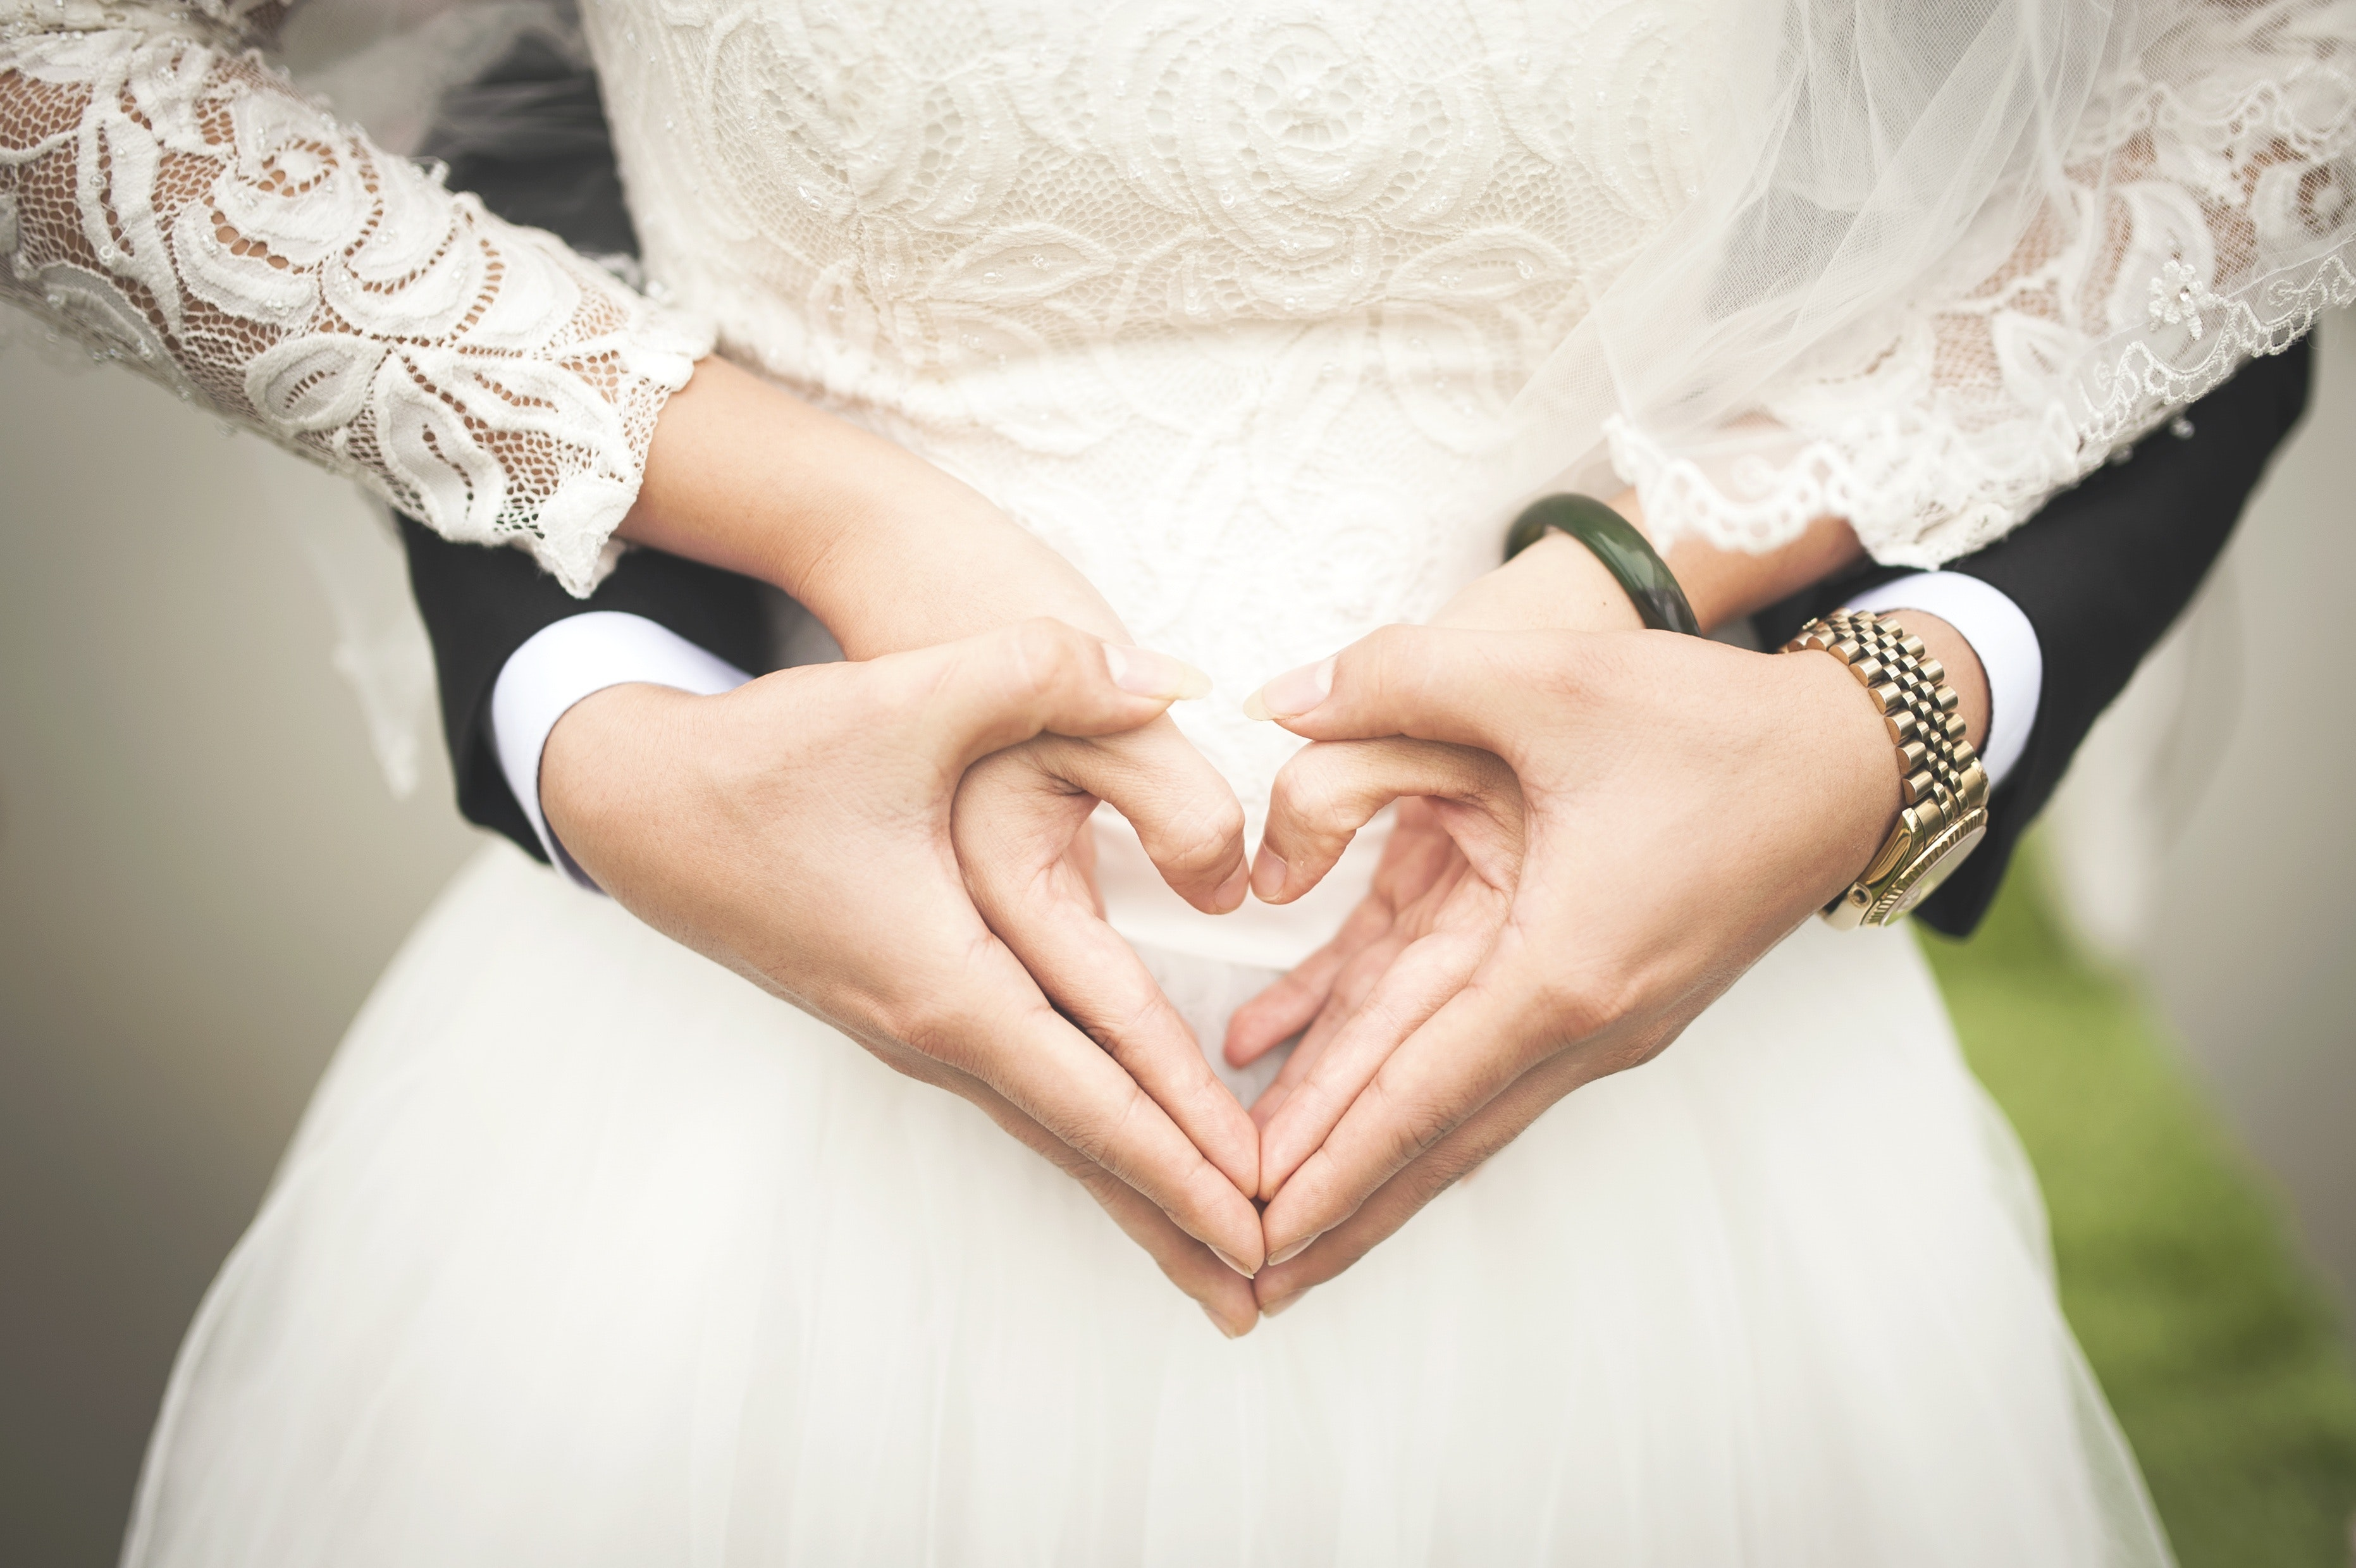 Bride and groom generic pexel